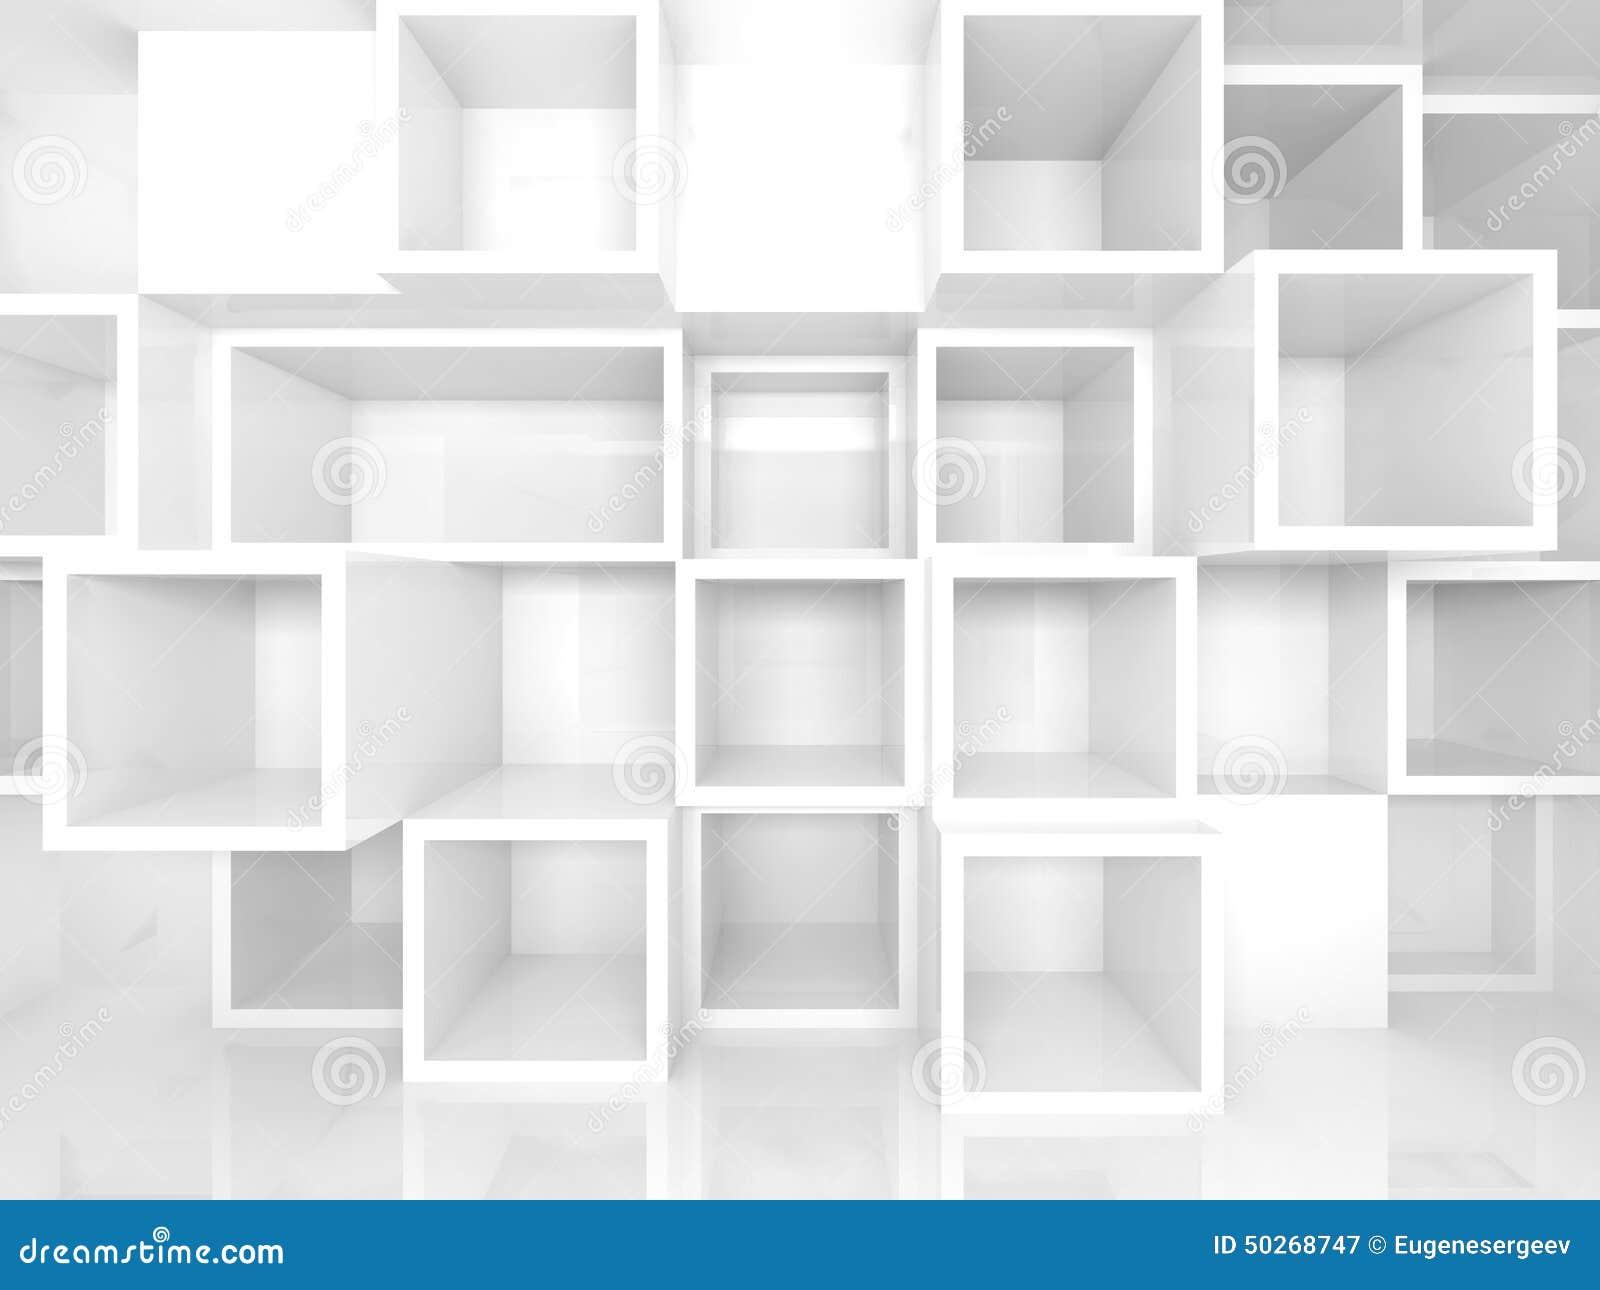 Witte Planken Aan De Muur.Witte Planken Muur Vernstok